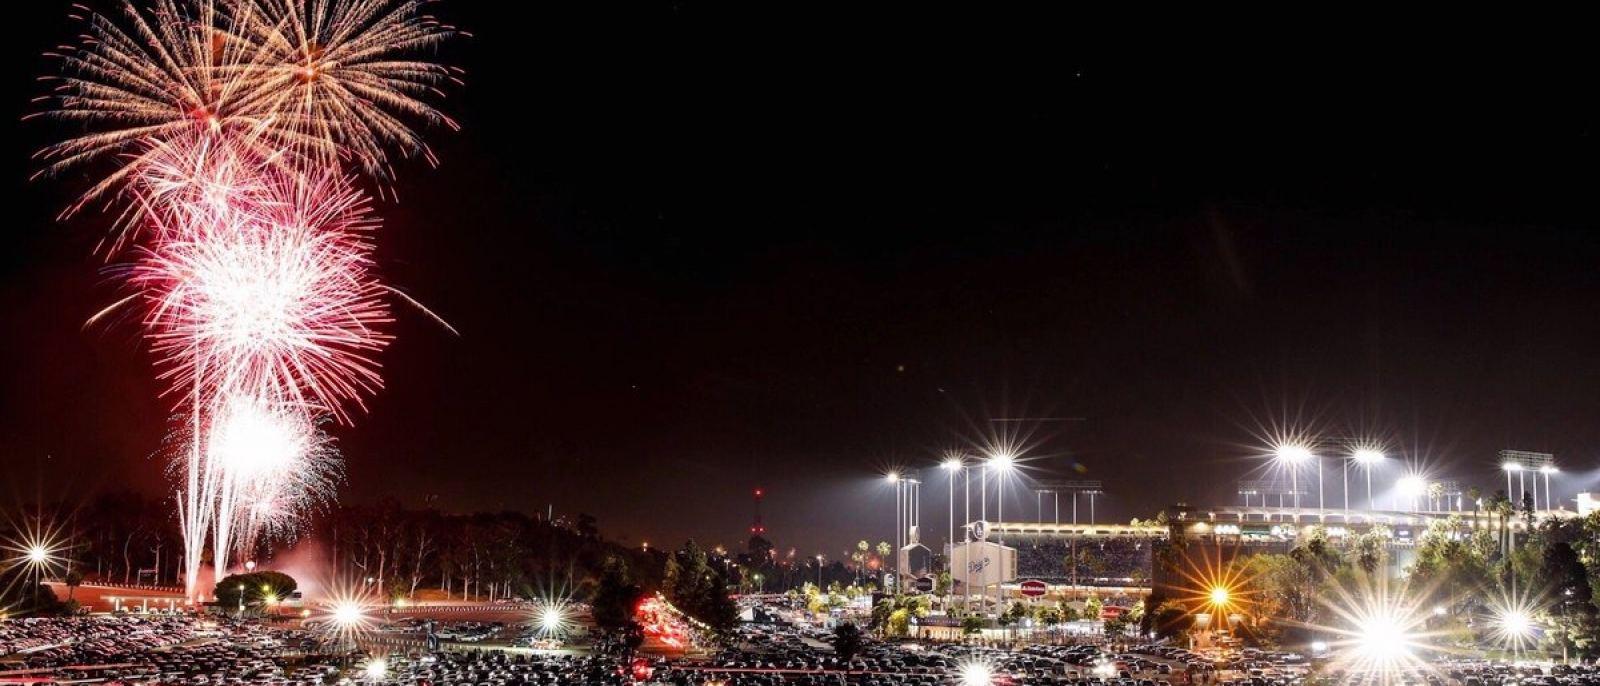 Friday Night Fireworks at Dodger Stadium